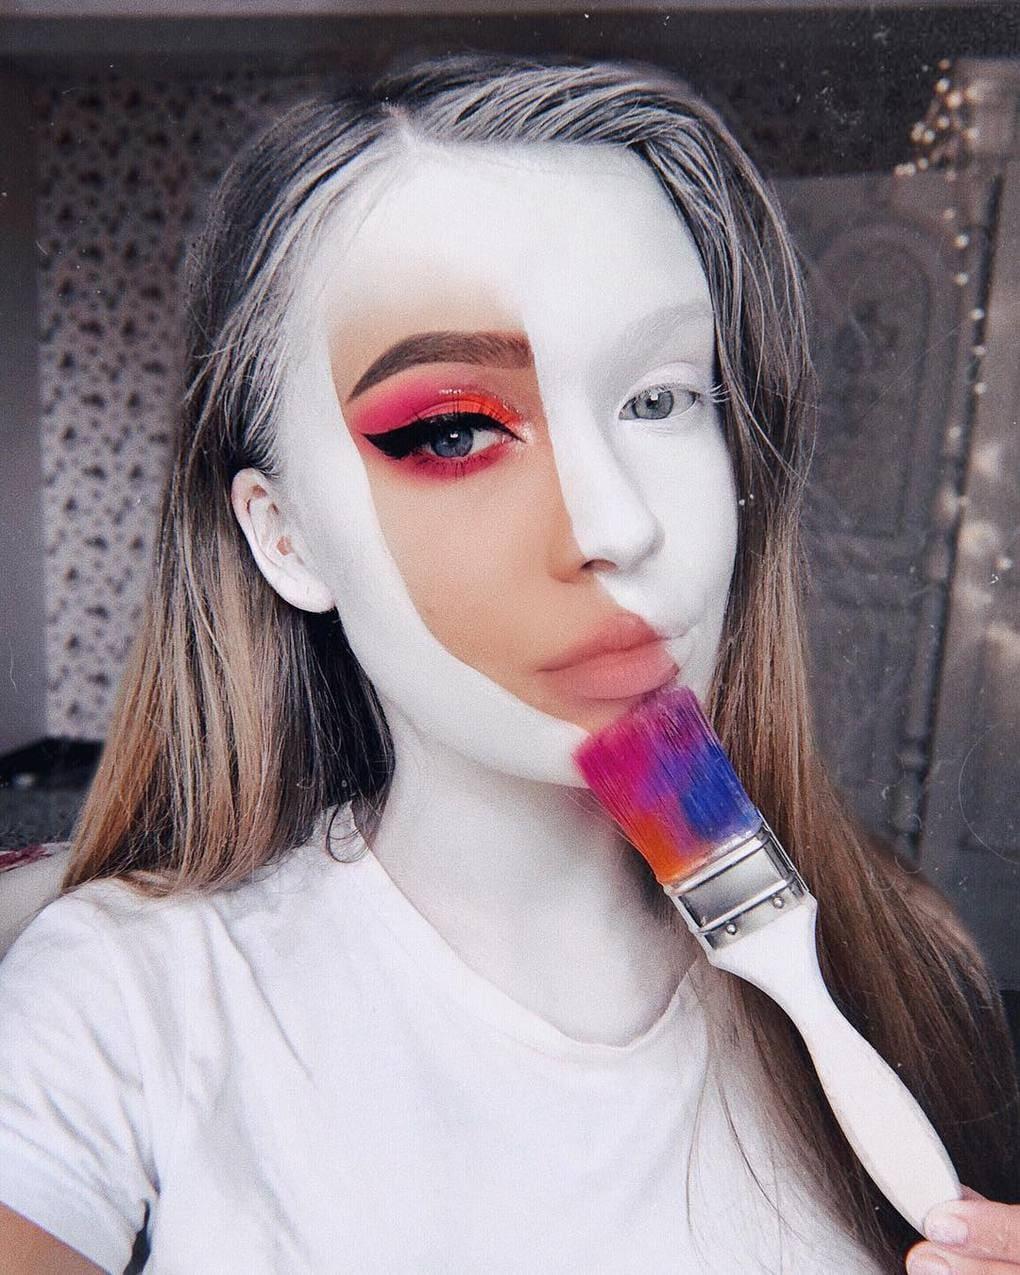 Визажист из Литвы делает макияж, с которым на Хэллоуине любая будет звездой вечеринки 2